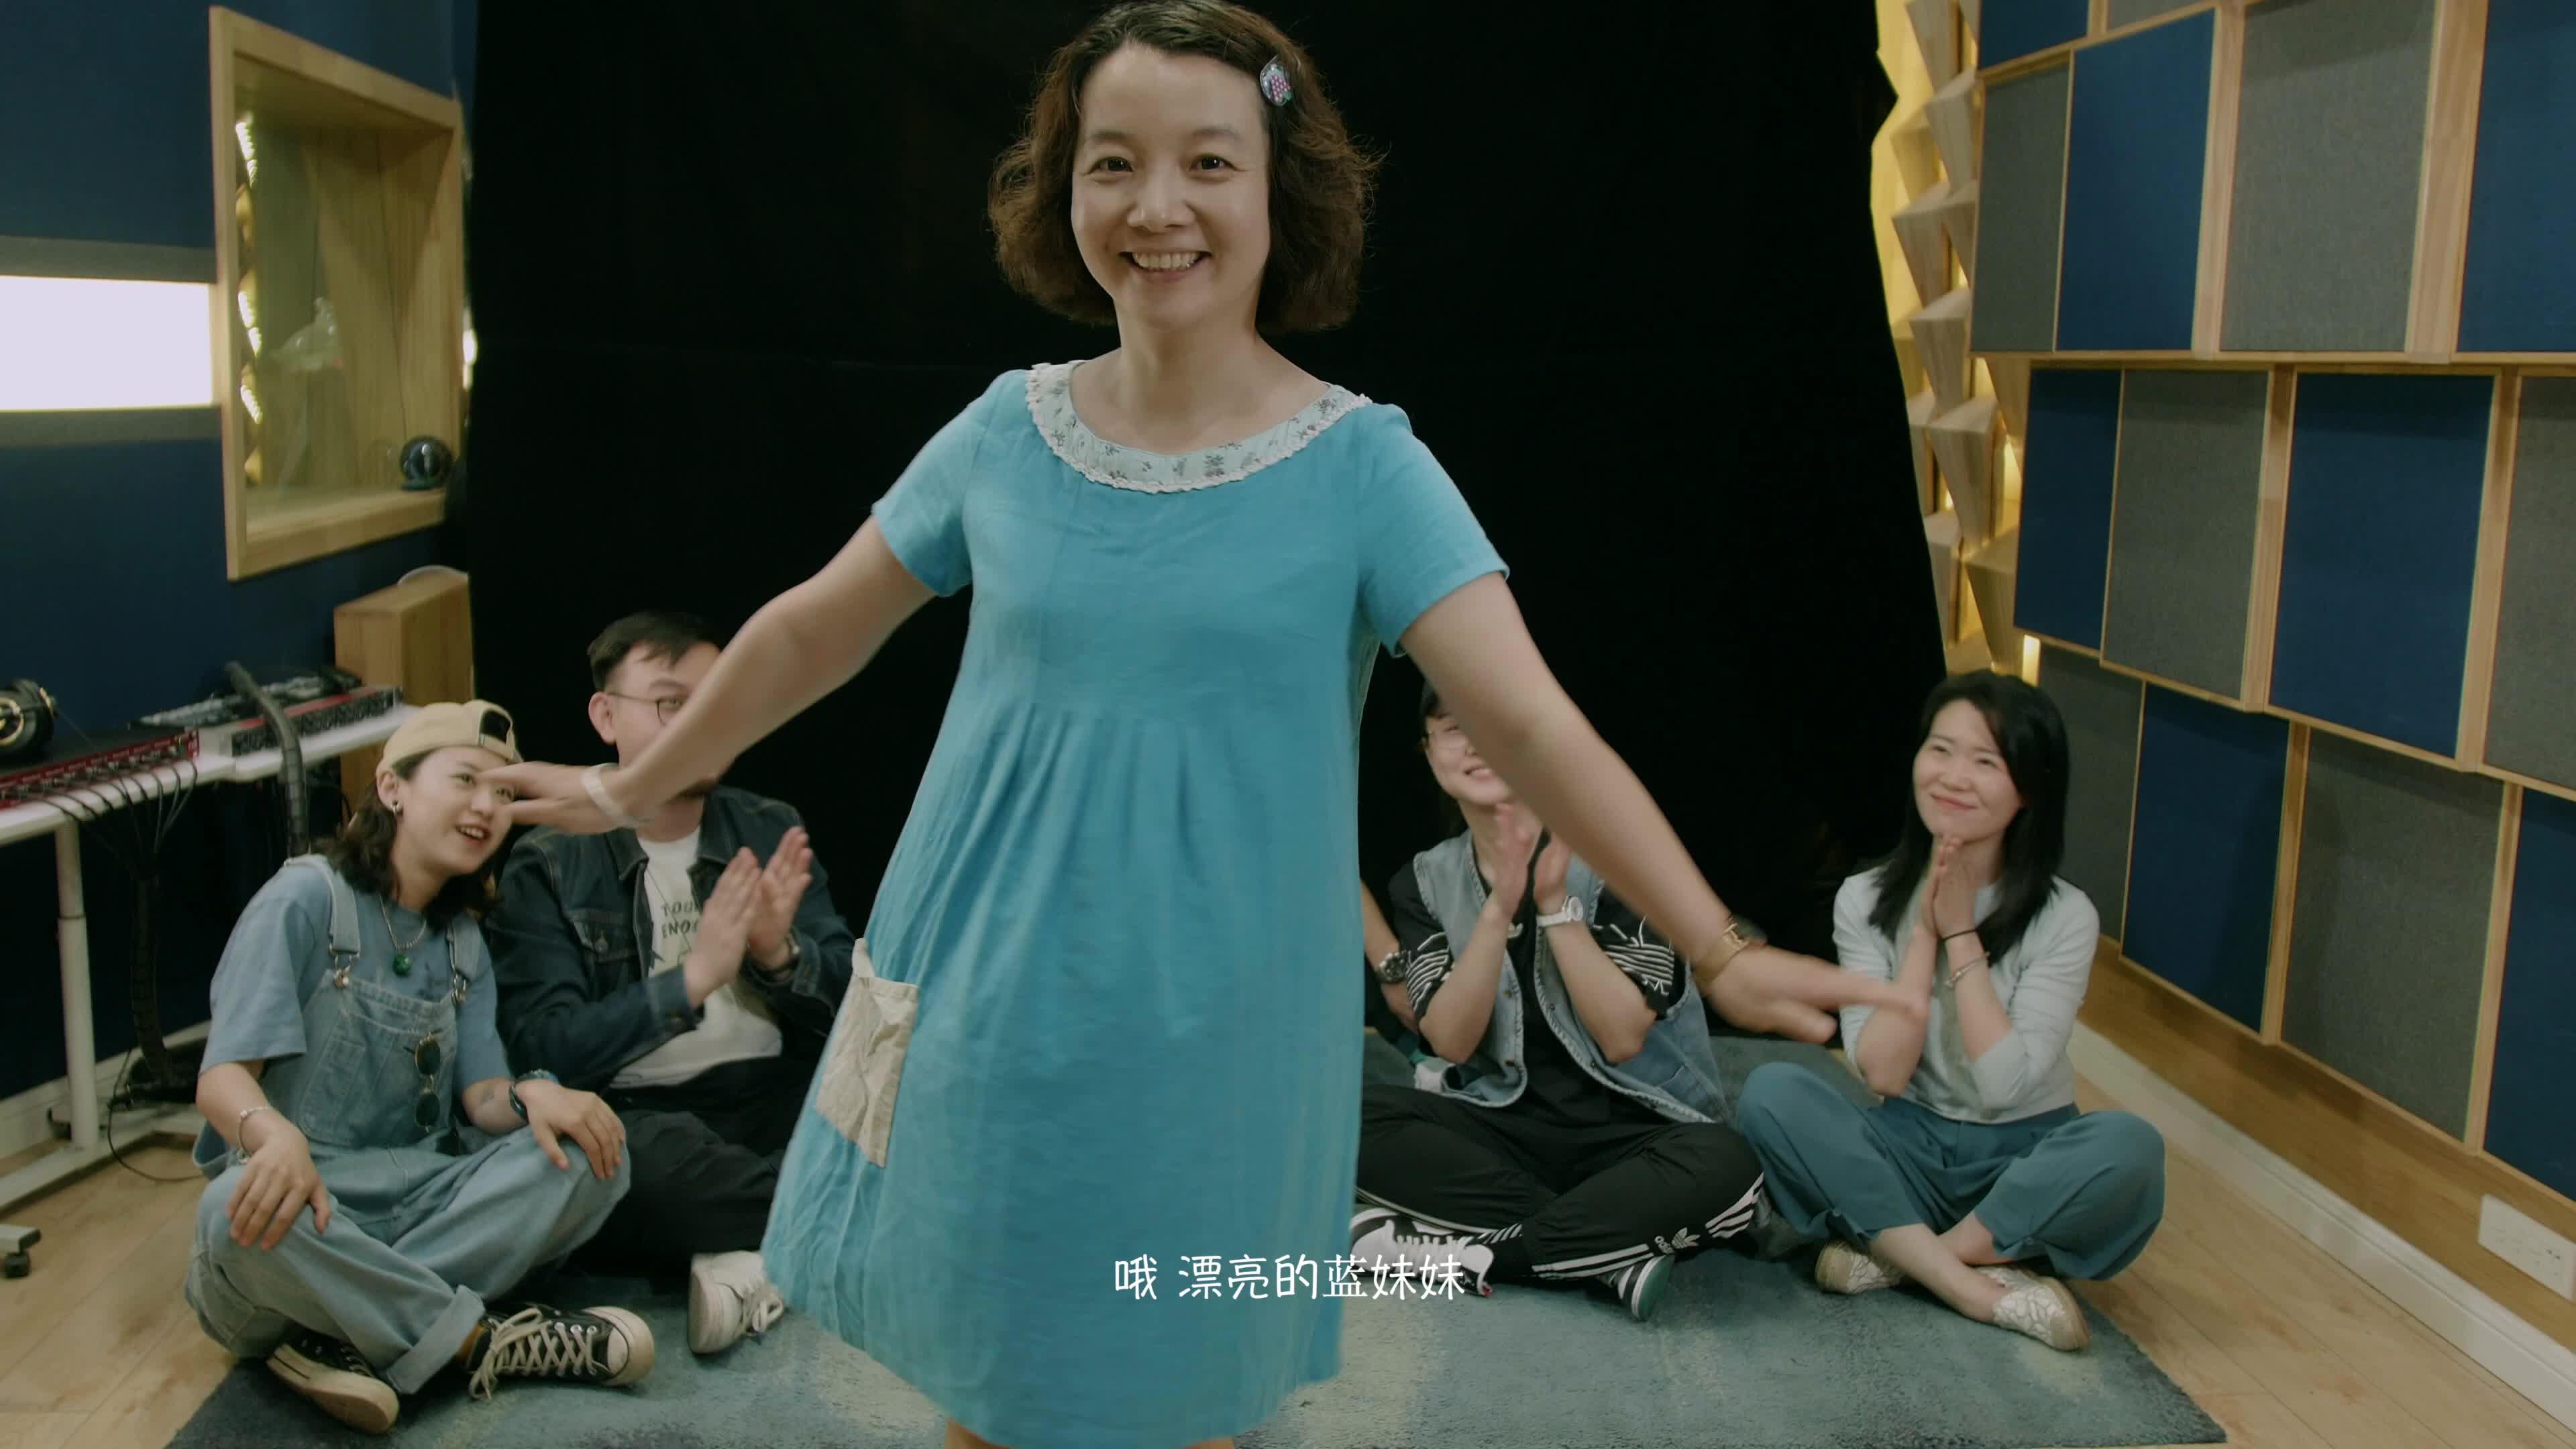 【走音乐团&李一村】微型儿童剧《蓝精灵大战格格巫》